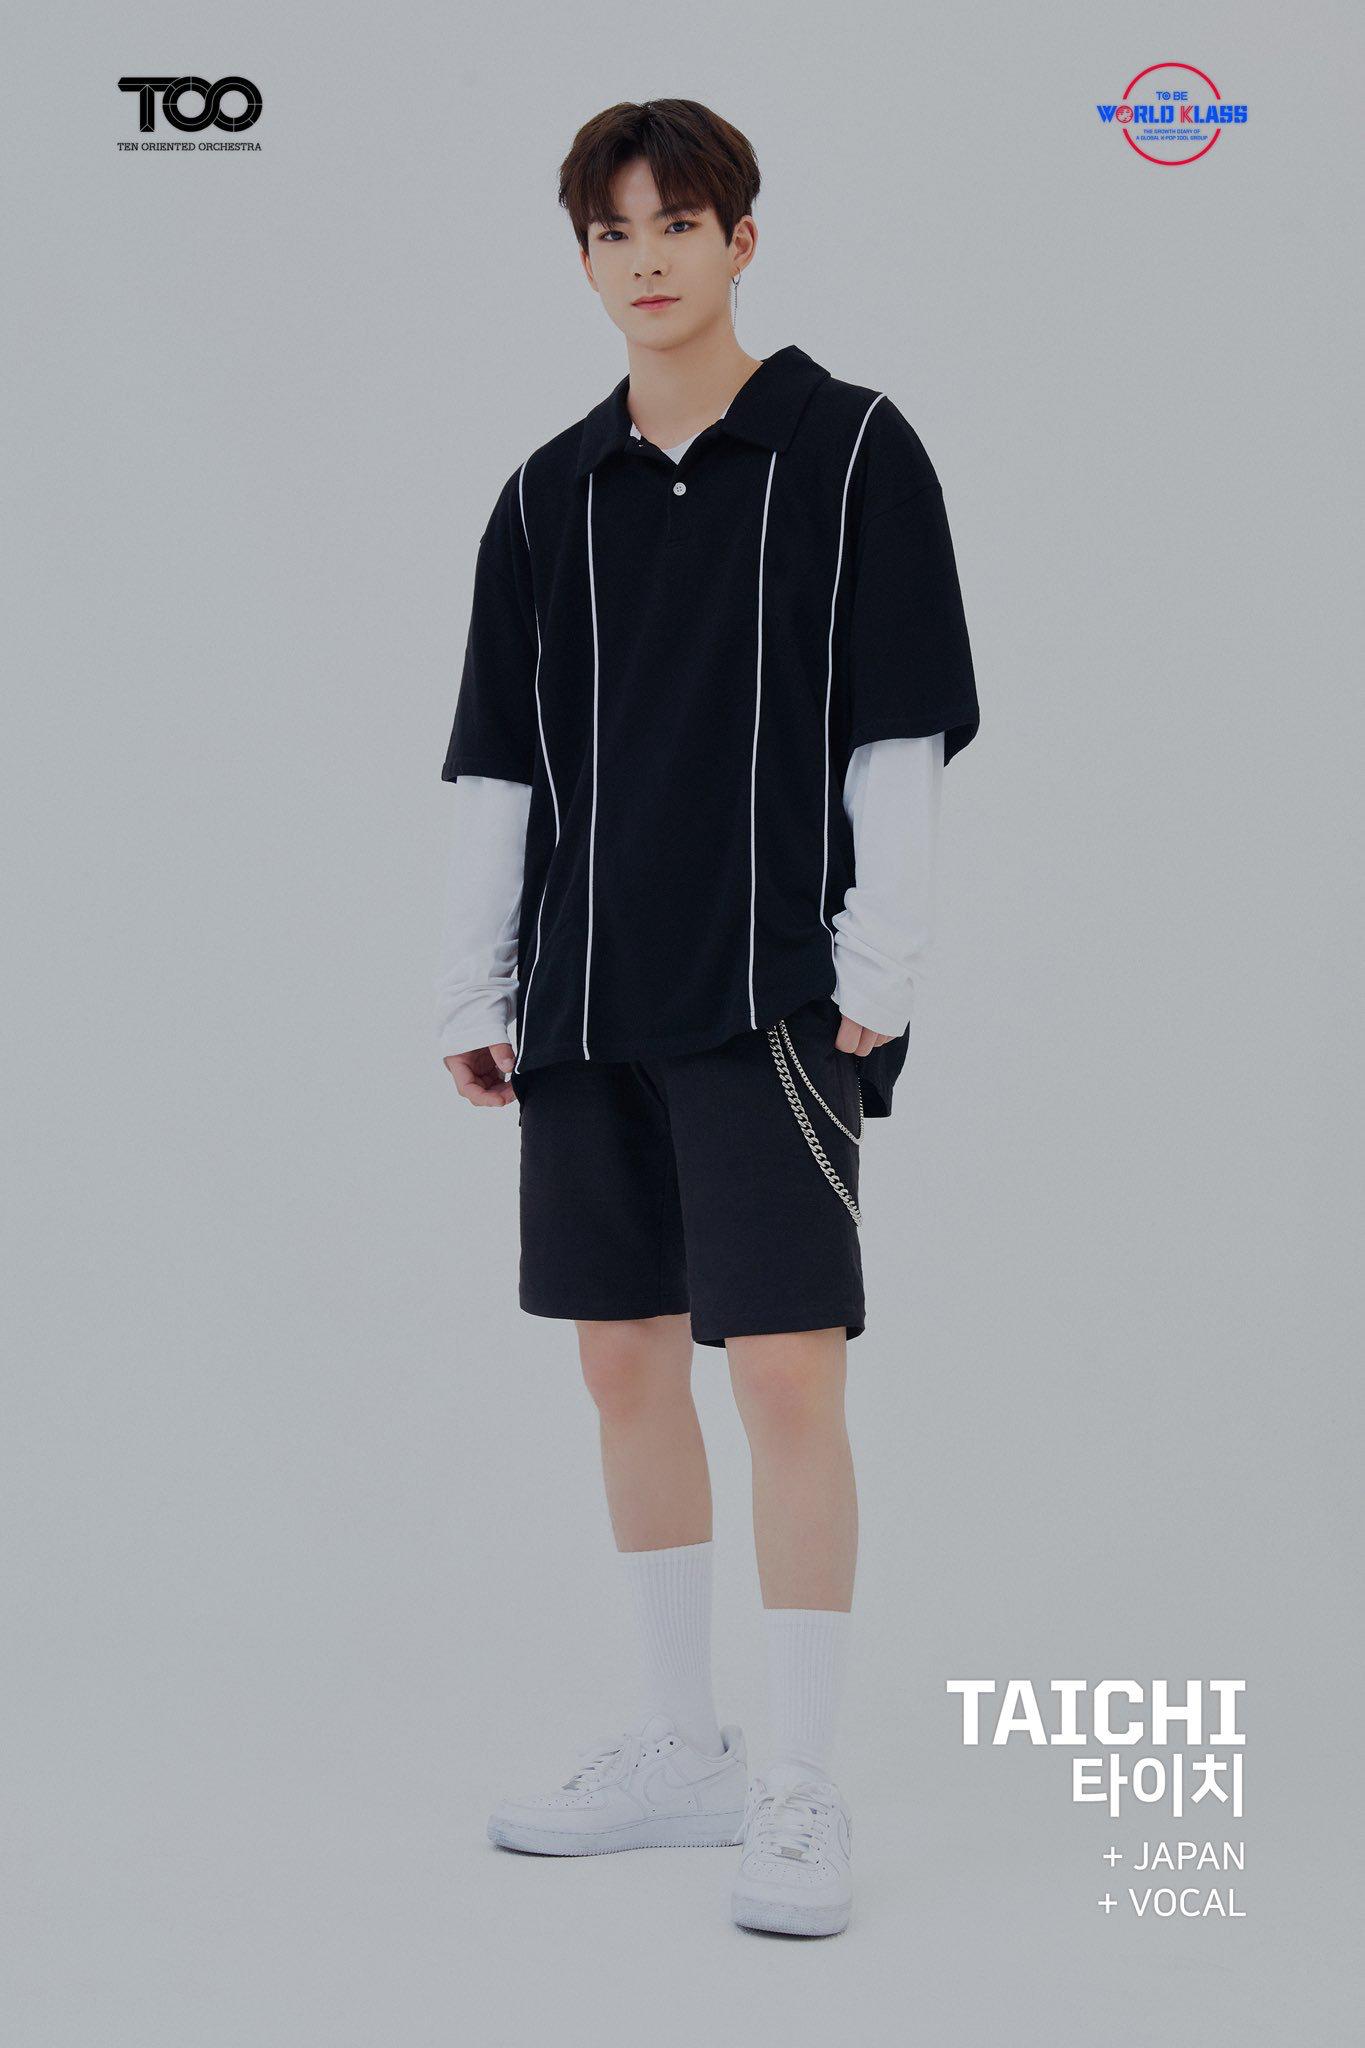 Taichi (World Klass)